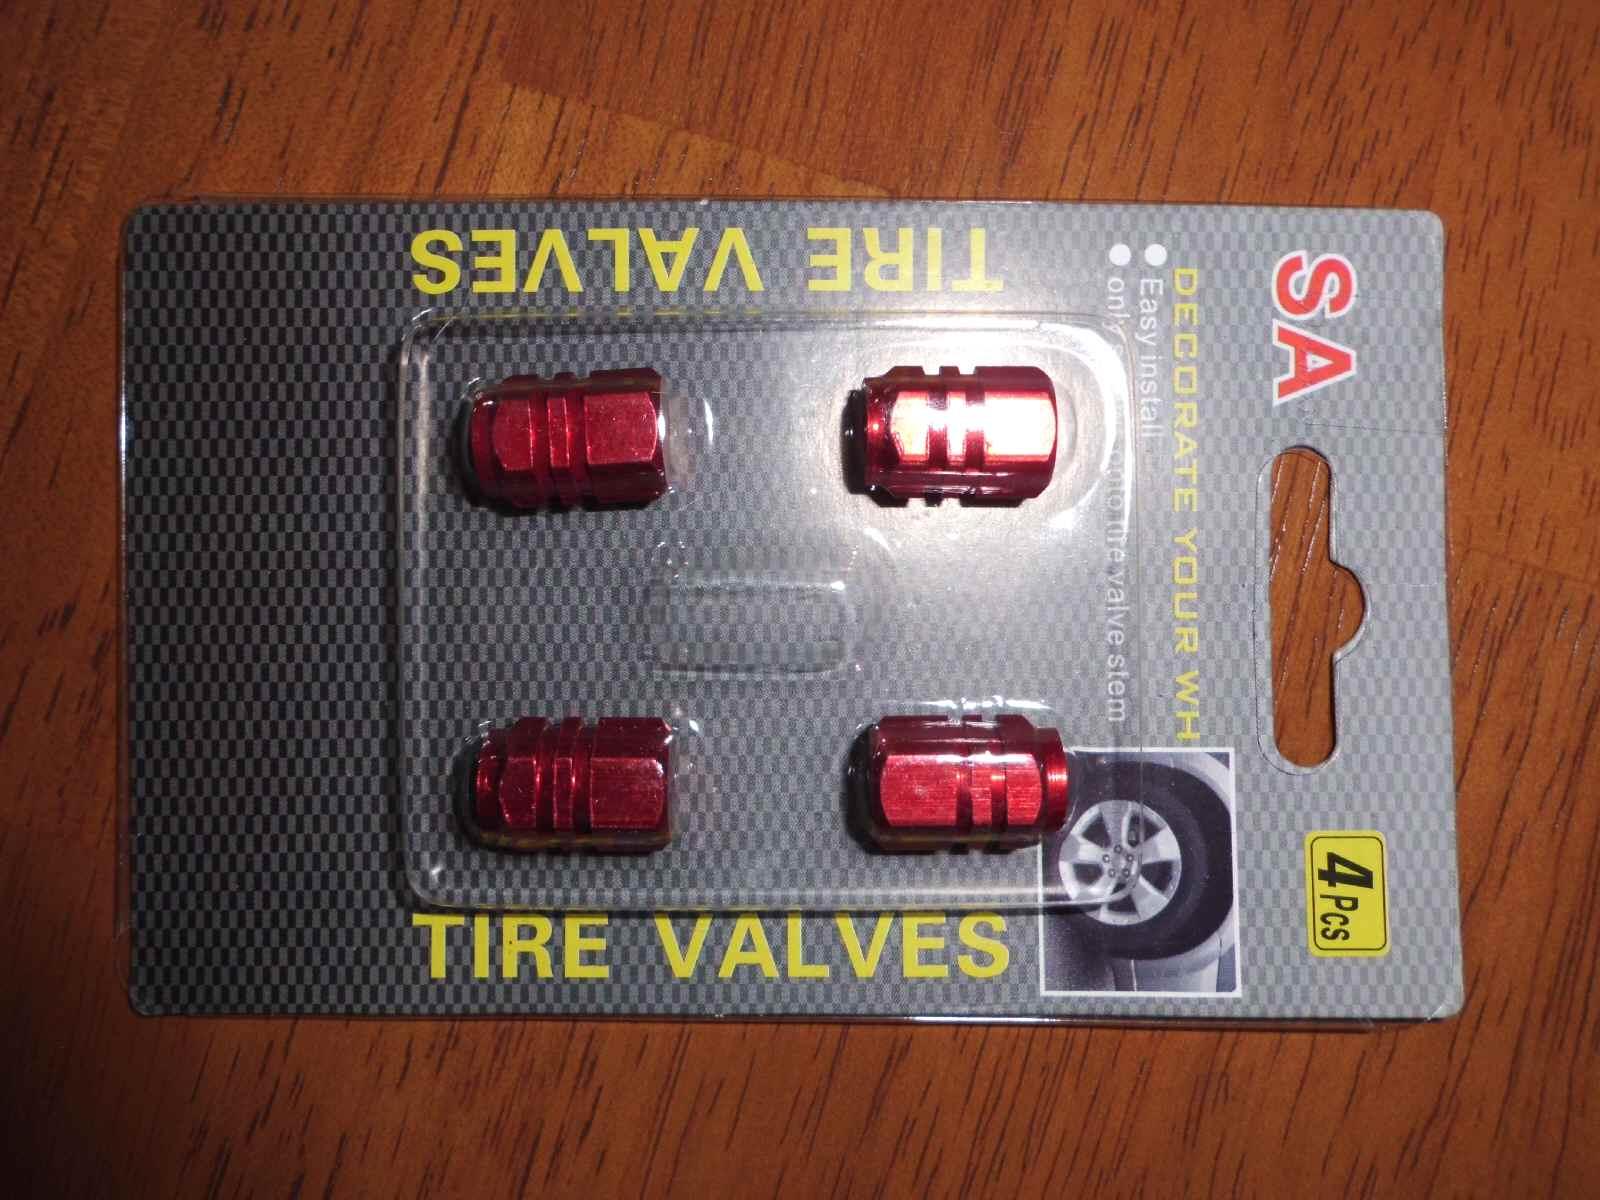 SA TIRE VALVES